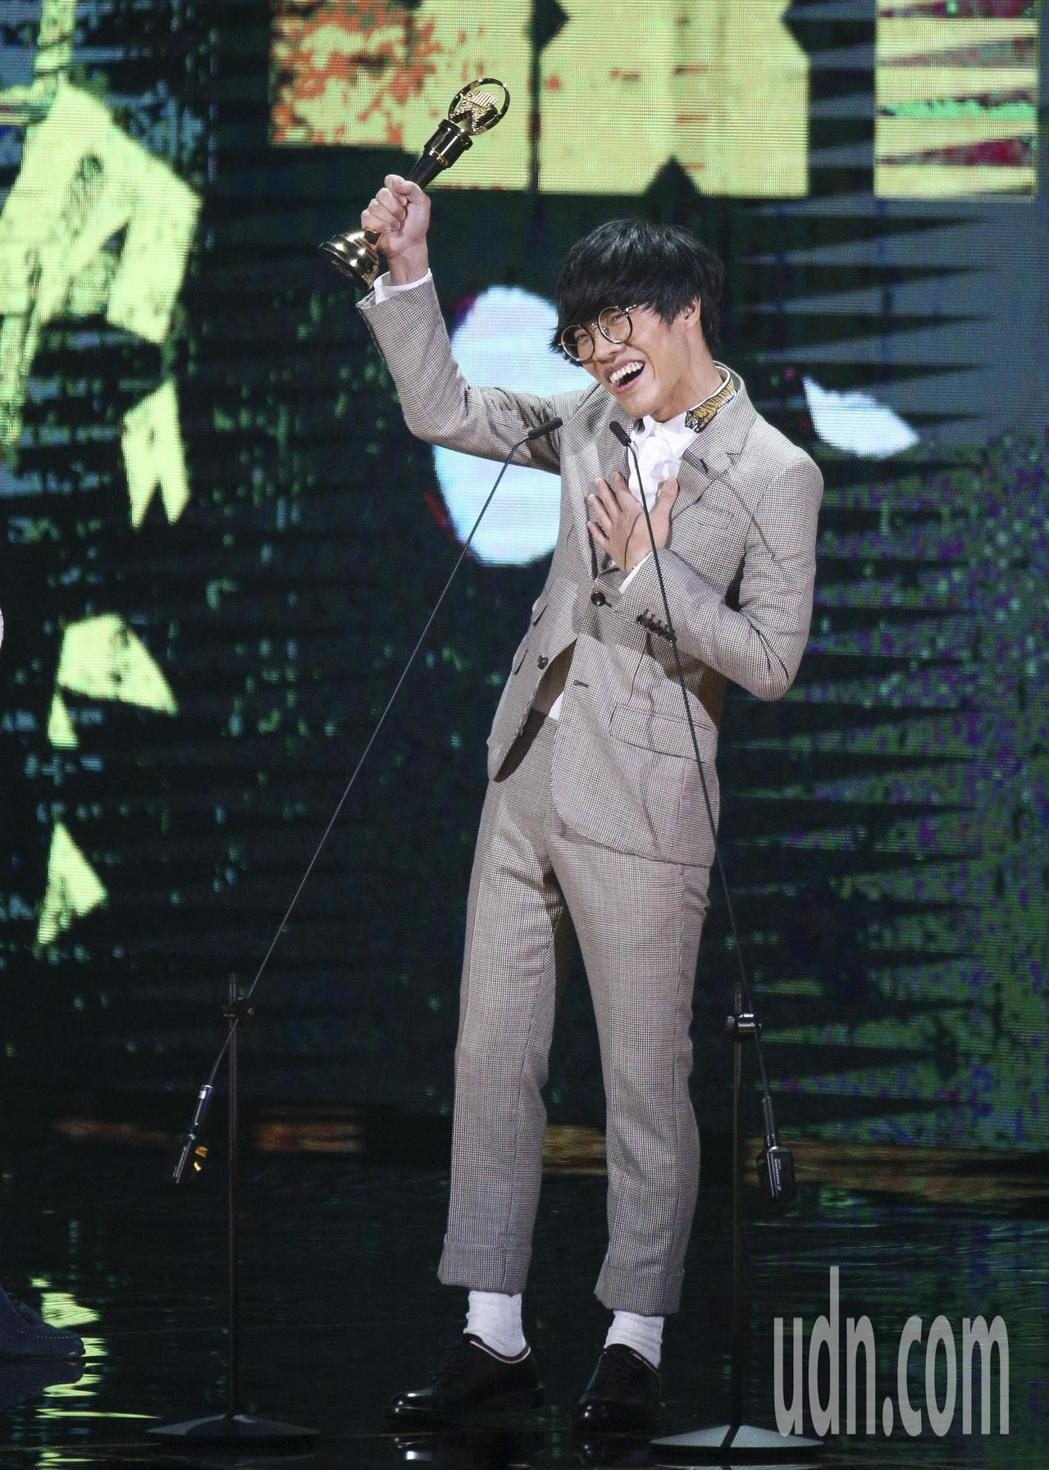 盧廣仲獲得最佳作曲人獎。記者林伯東/攝影